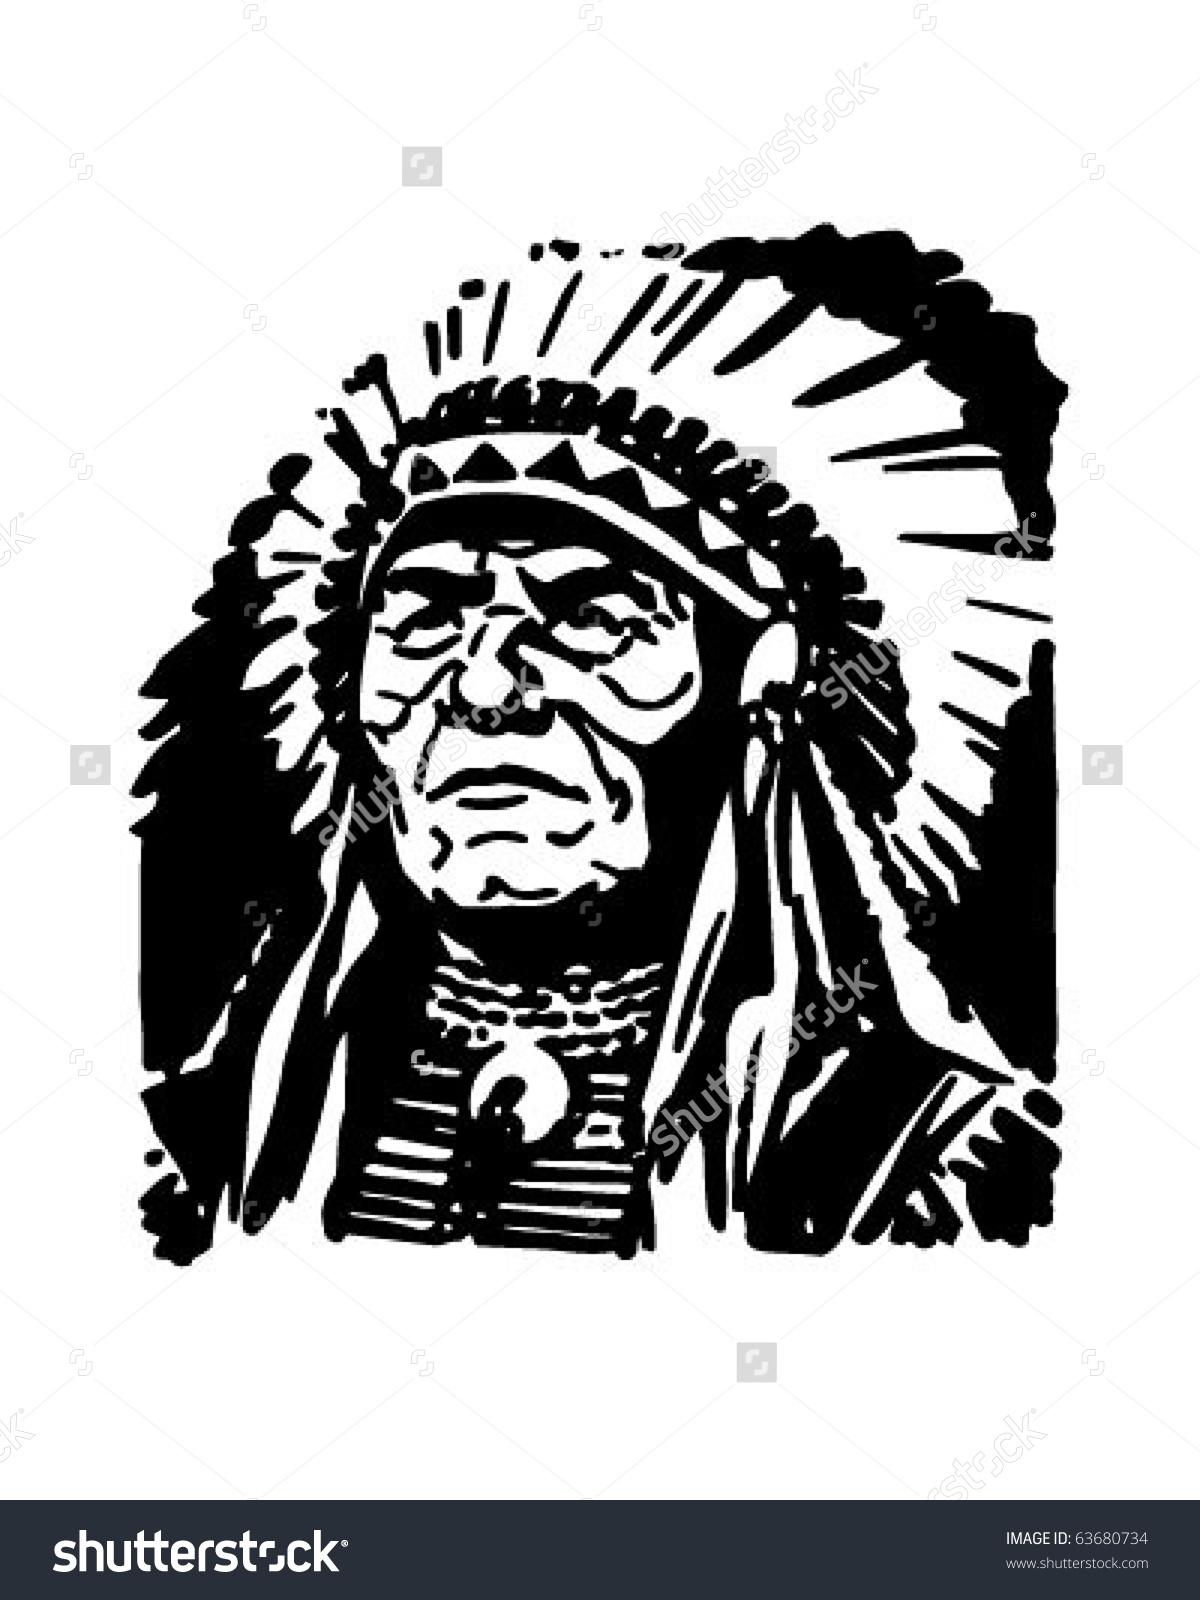 Indian Chief - Retro Clipart Illustratio-Indian Chief - Retro Clipart Illustration-12